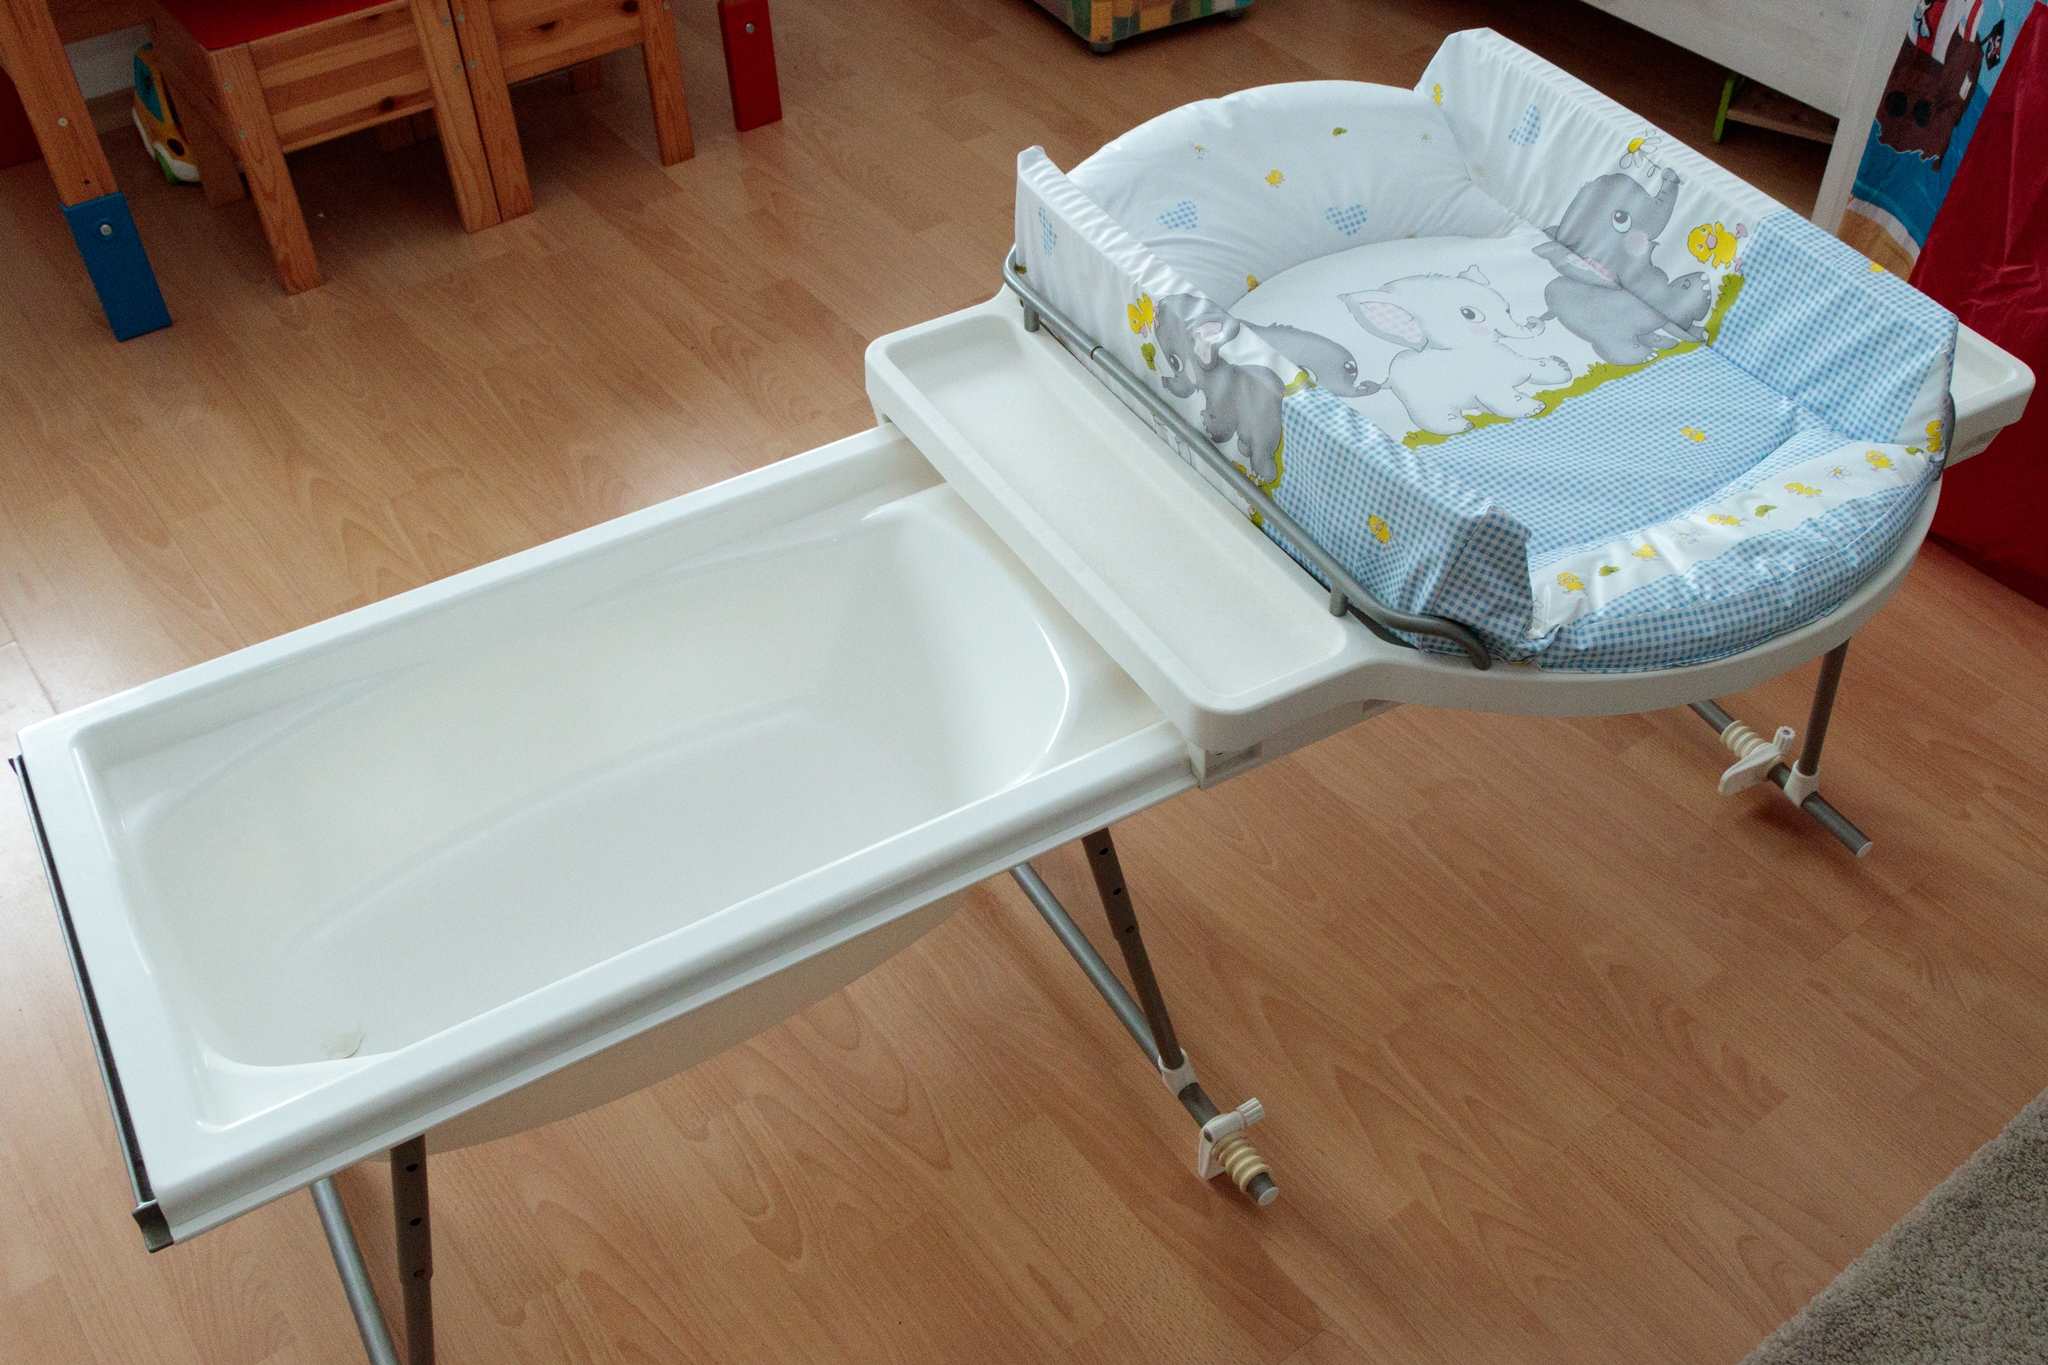 geuther 4830 aqualino mit badewanne aufsatz bade wickelkombination wickeltisch ebay. Black Bedroom Furniture Sets. Home Design Ideas